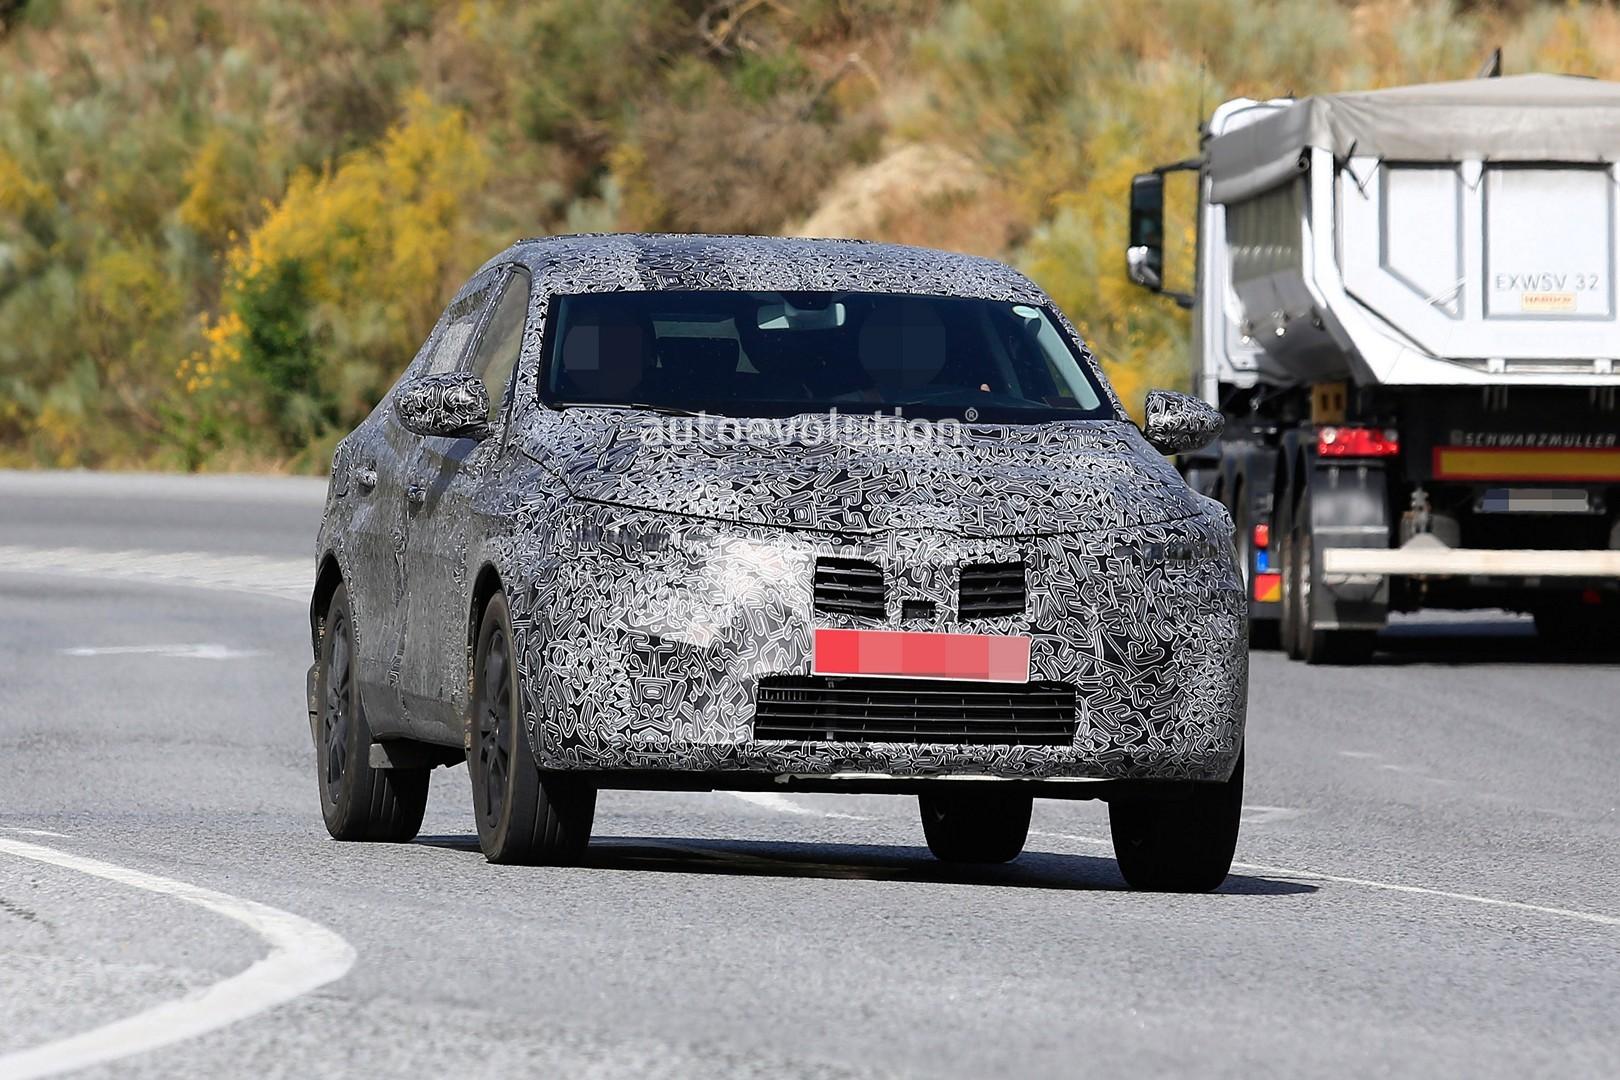 2020 Nissan Juke Switching To CMF-B, Hybridization ...